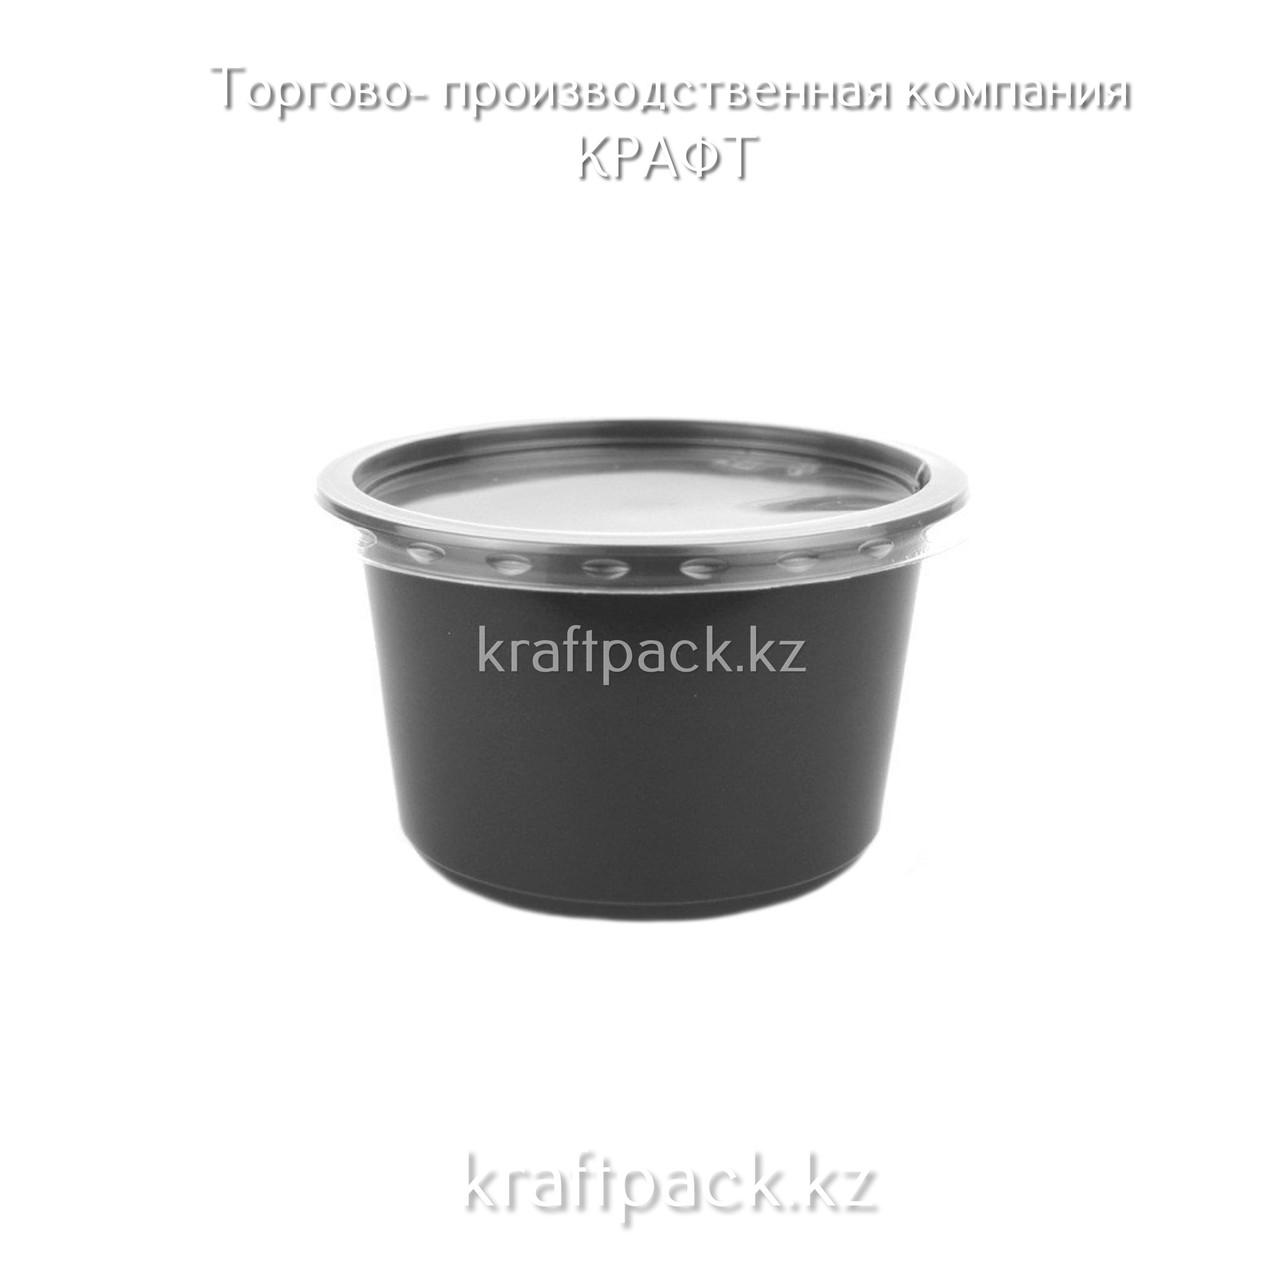 Контейнер круглый СпК-115 350мл ПП ЧЕРНЫЙ (50/500) ПолиЭр (1419)